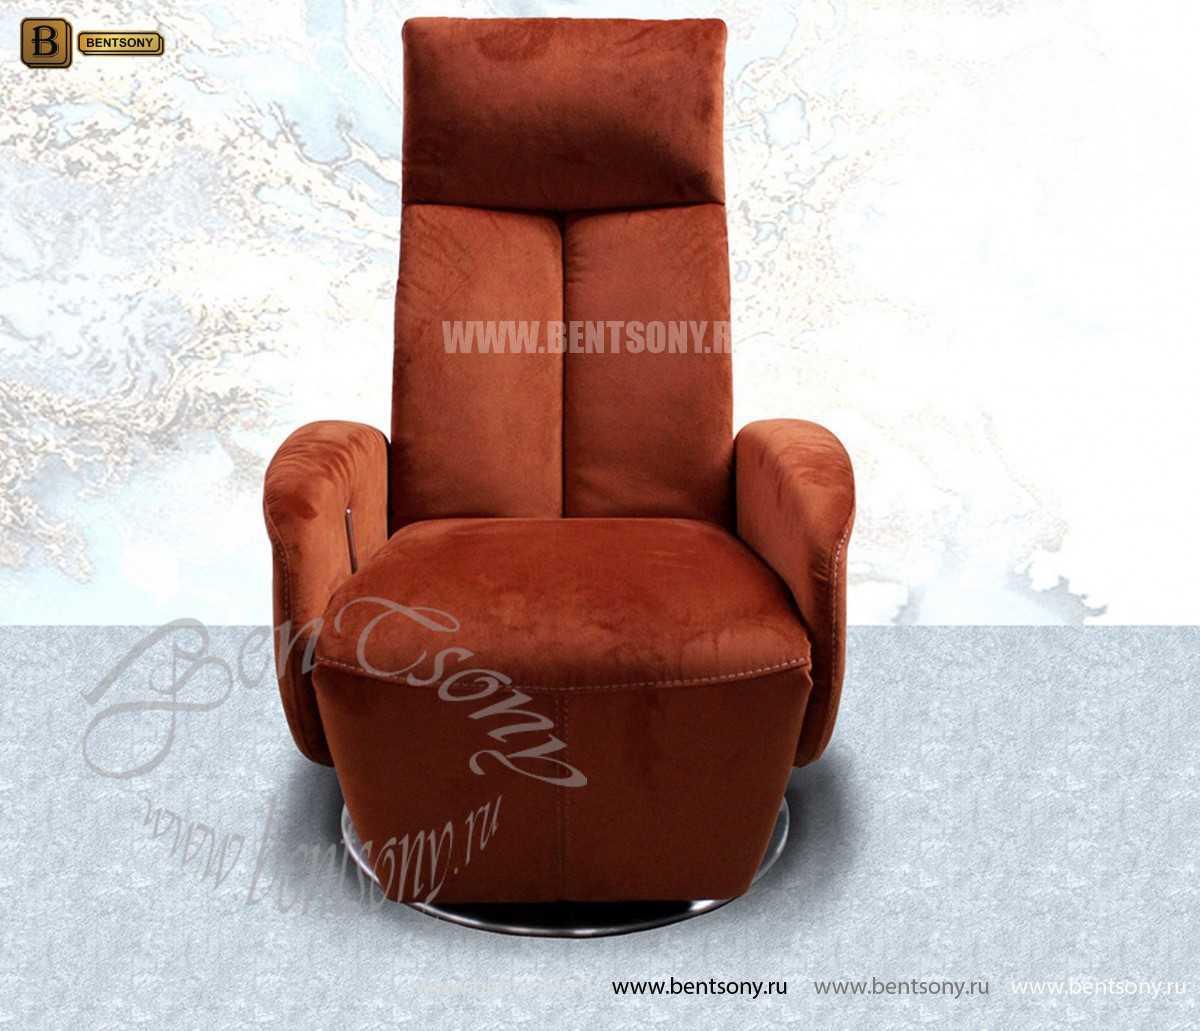 Кресло Аваторе (Реклайнер, Алькантара) купить в СПб